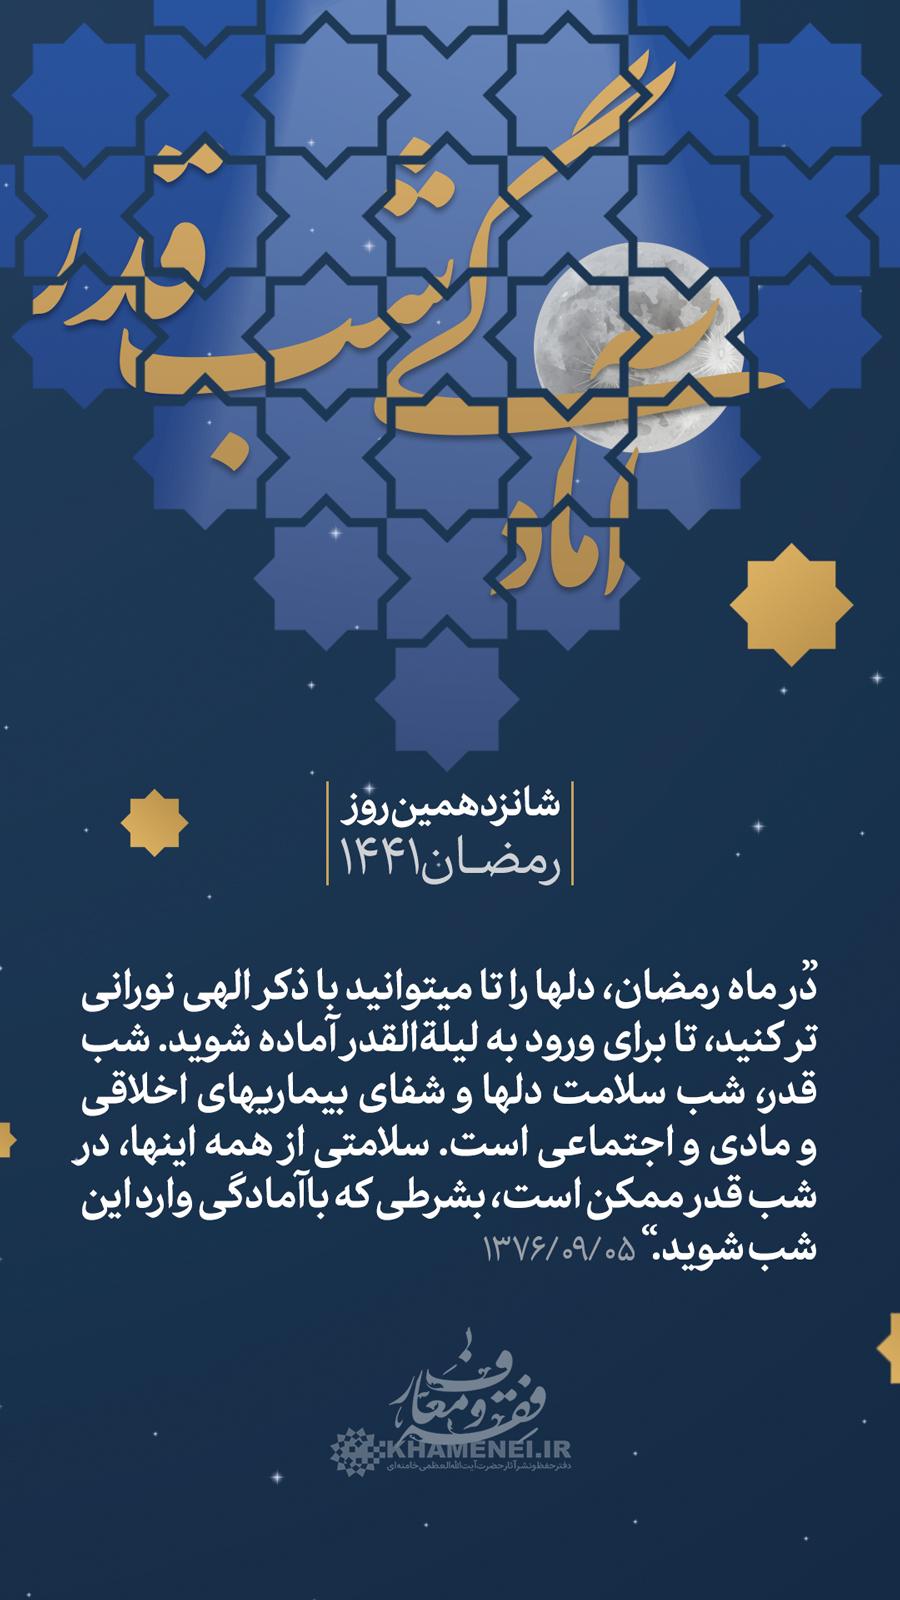 پندهای اخلاقی رهبر انقلاب/ «آمادگی شب قدر»» + عکس